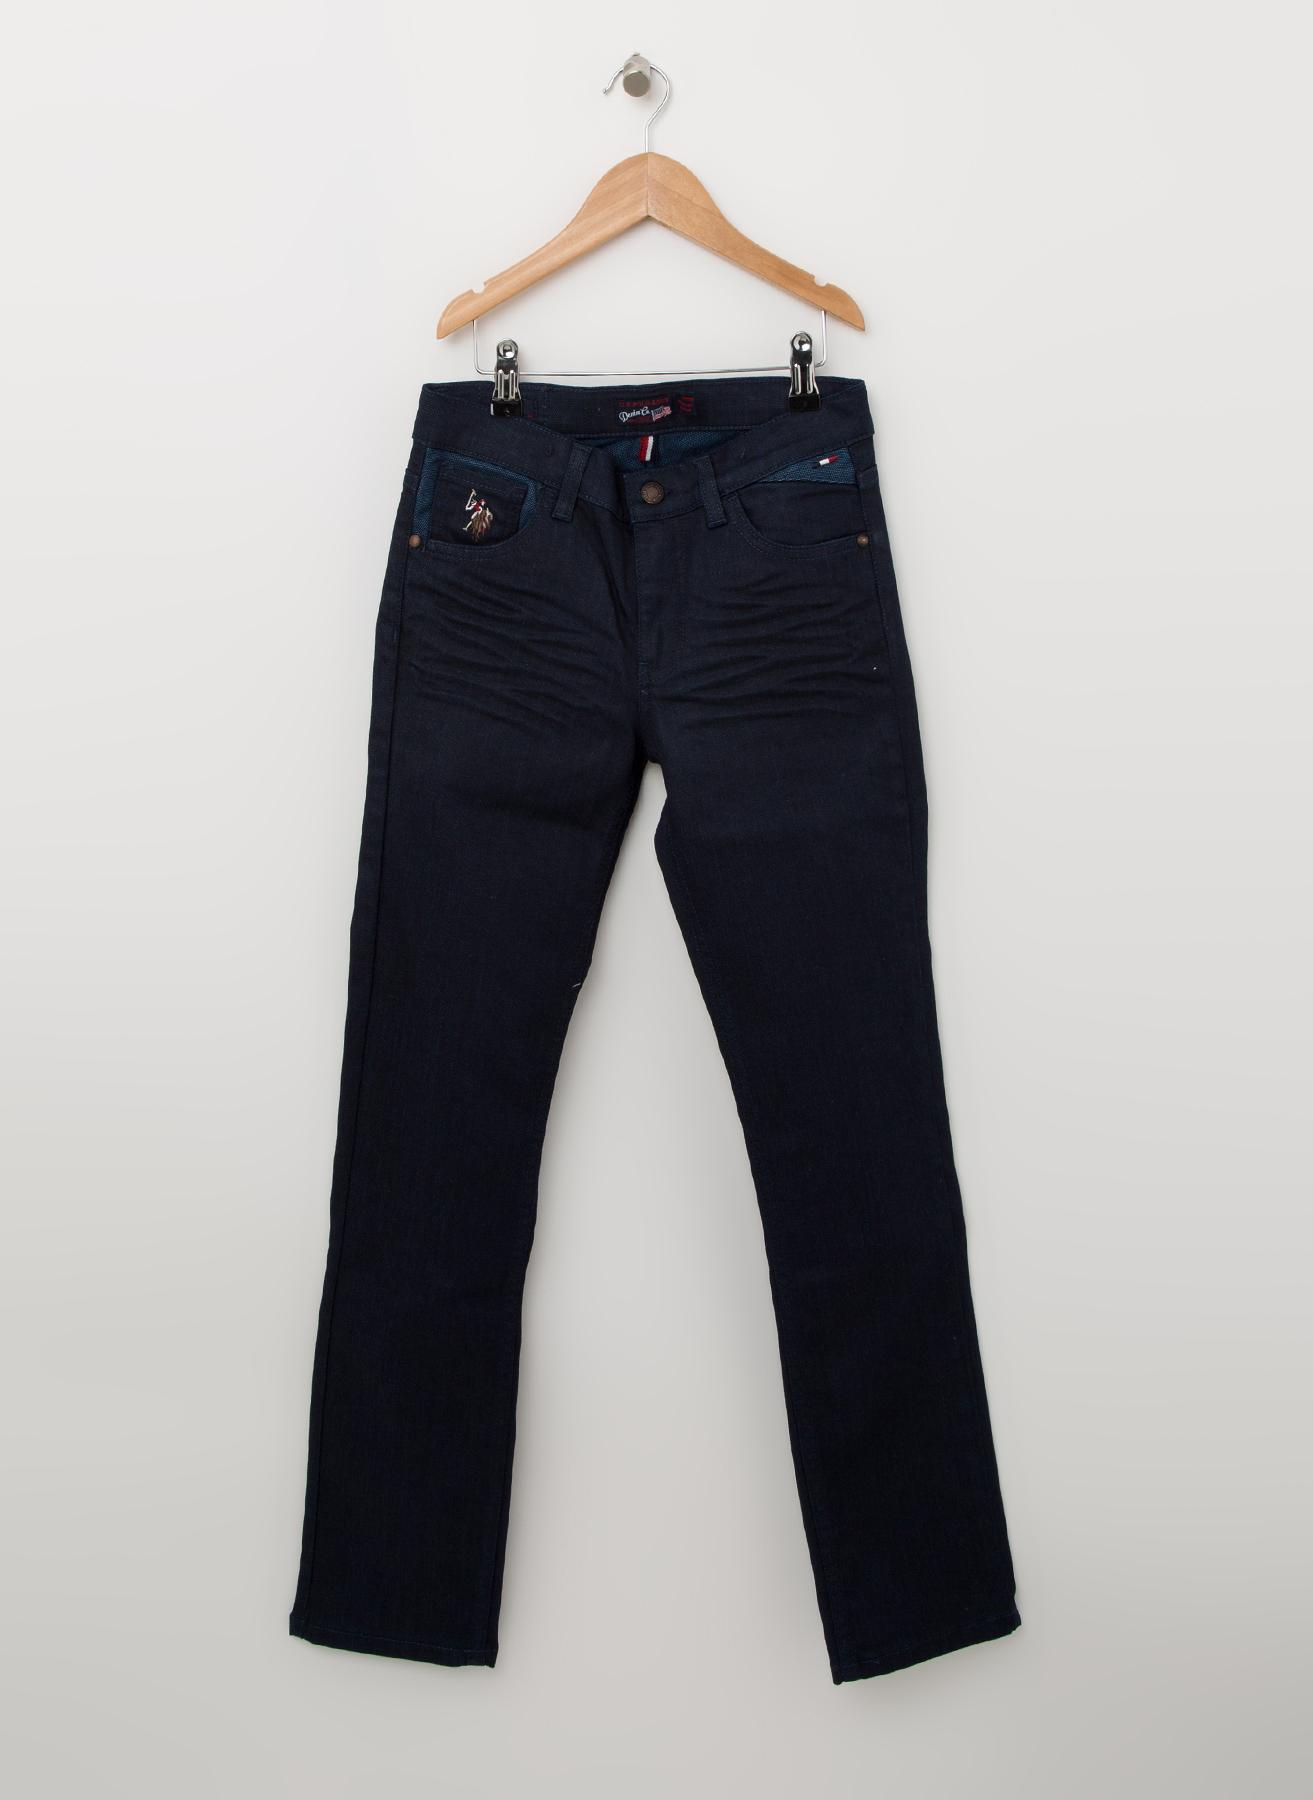 U.S. Polo Assn. Pantolon 5 Yaş 5001704511006 Ürün Resmi